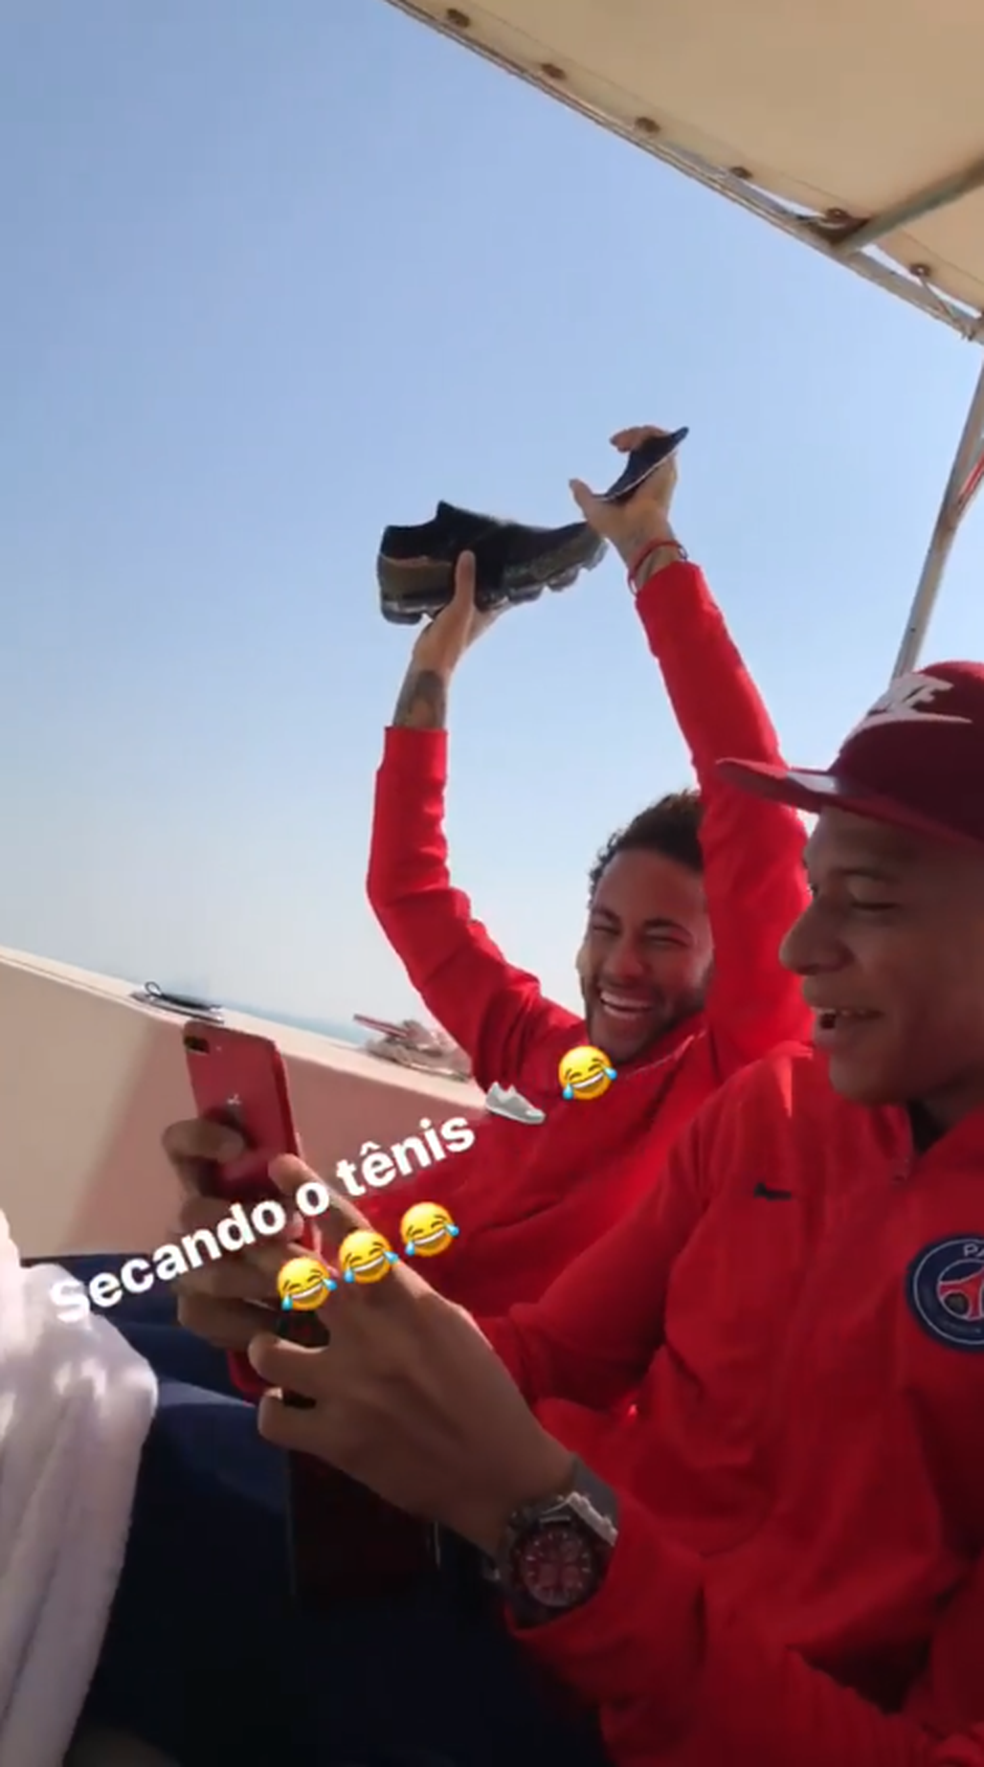 Neymar tenta secar o tênis após recuperá-lo no mar (Foto: Reprodução / Instagram)